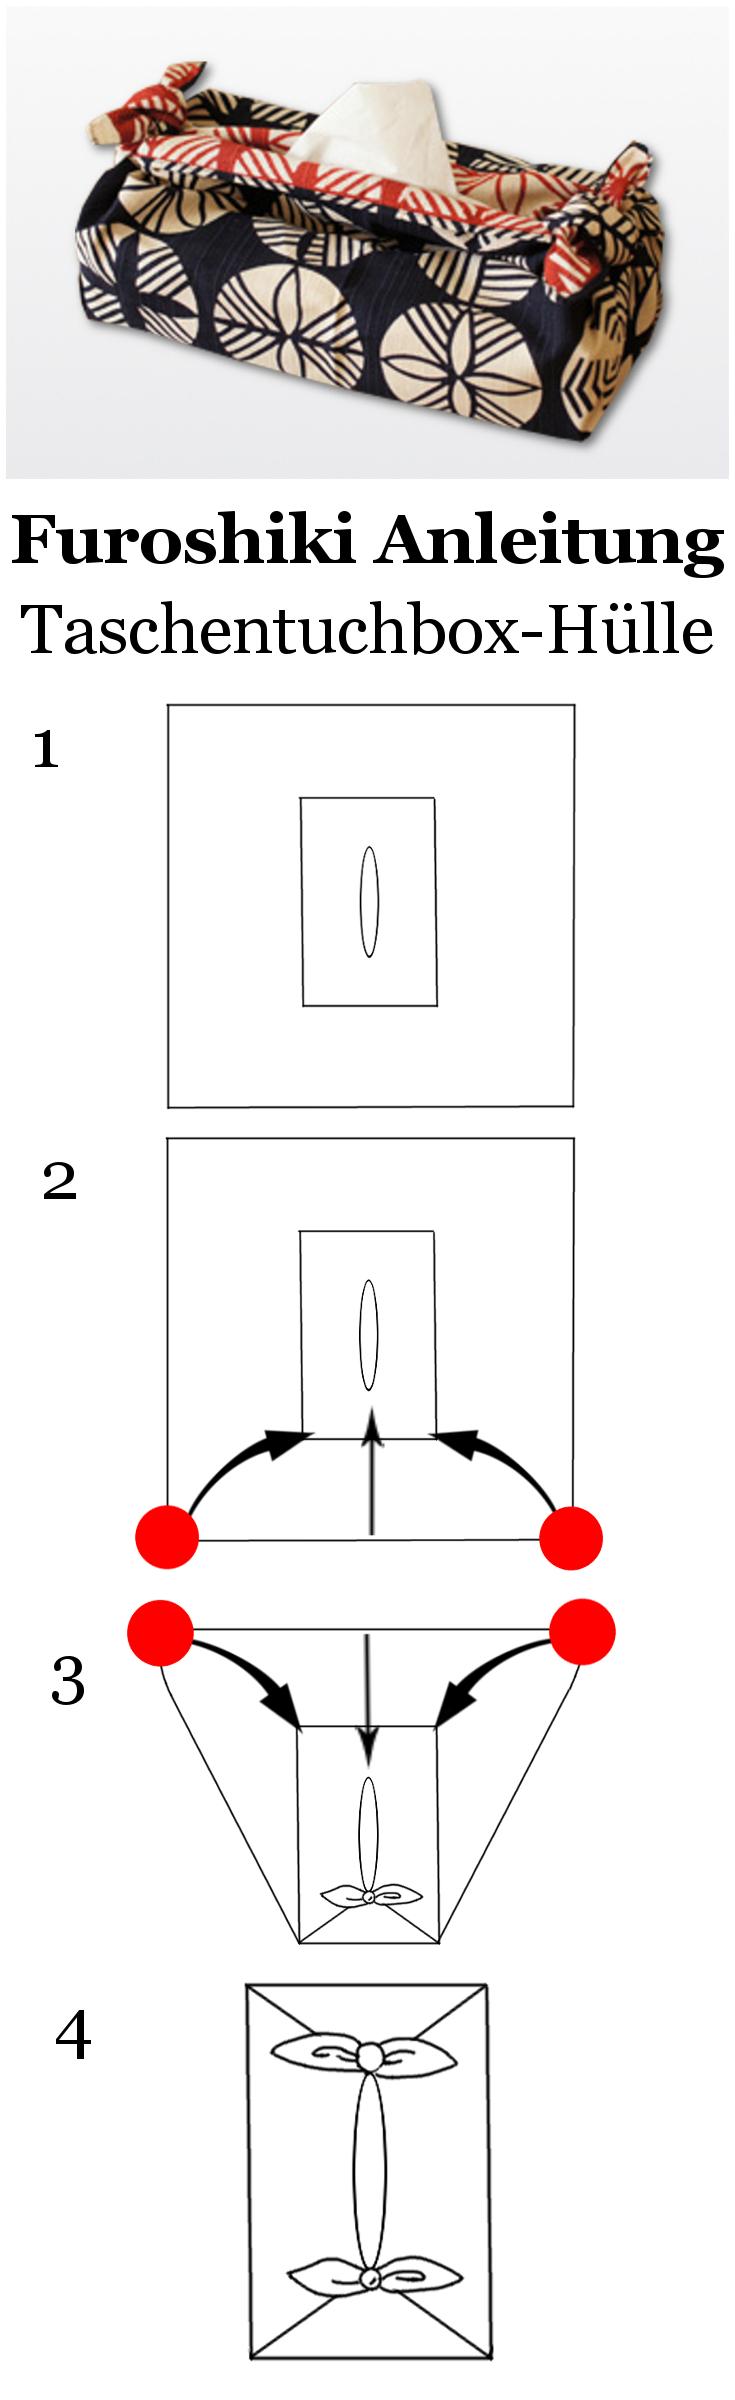 Furoshiki Anleitung - Eine Taschentuchbox-Hülle aus Furoshiki ...